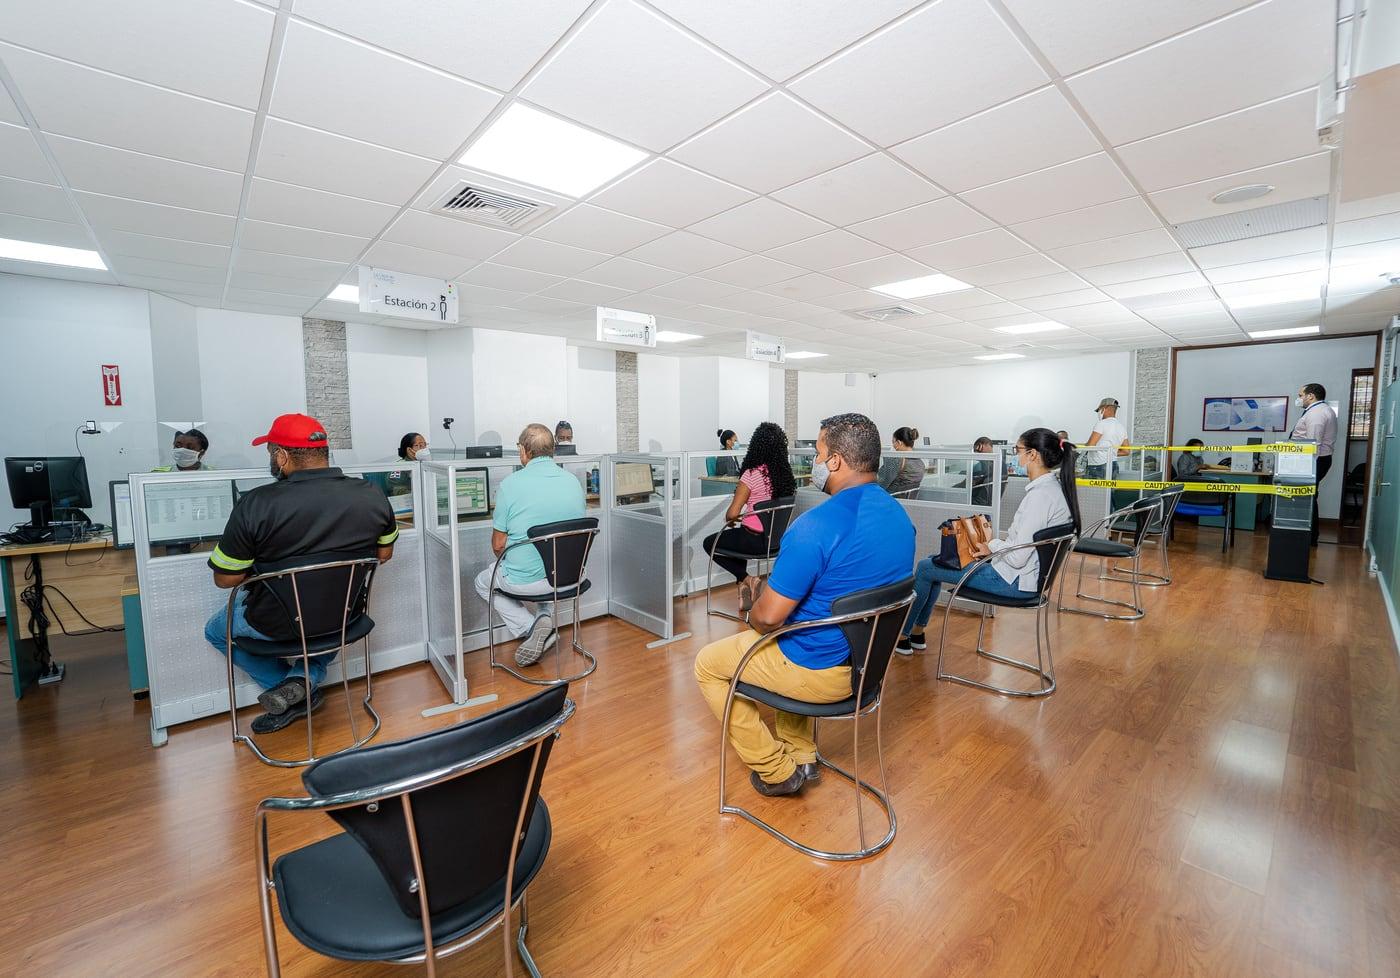 Foto de nuestras instalaciones | Pj7181n3t4y830n88UL5P48JG